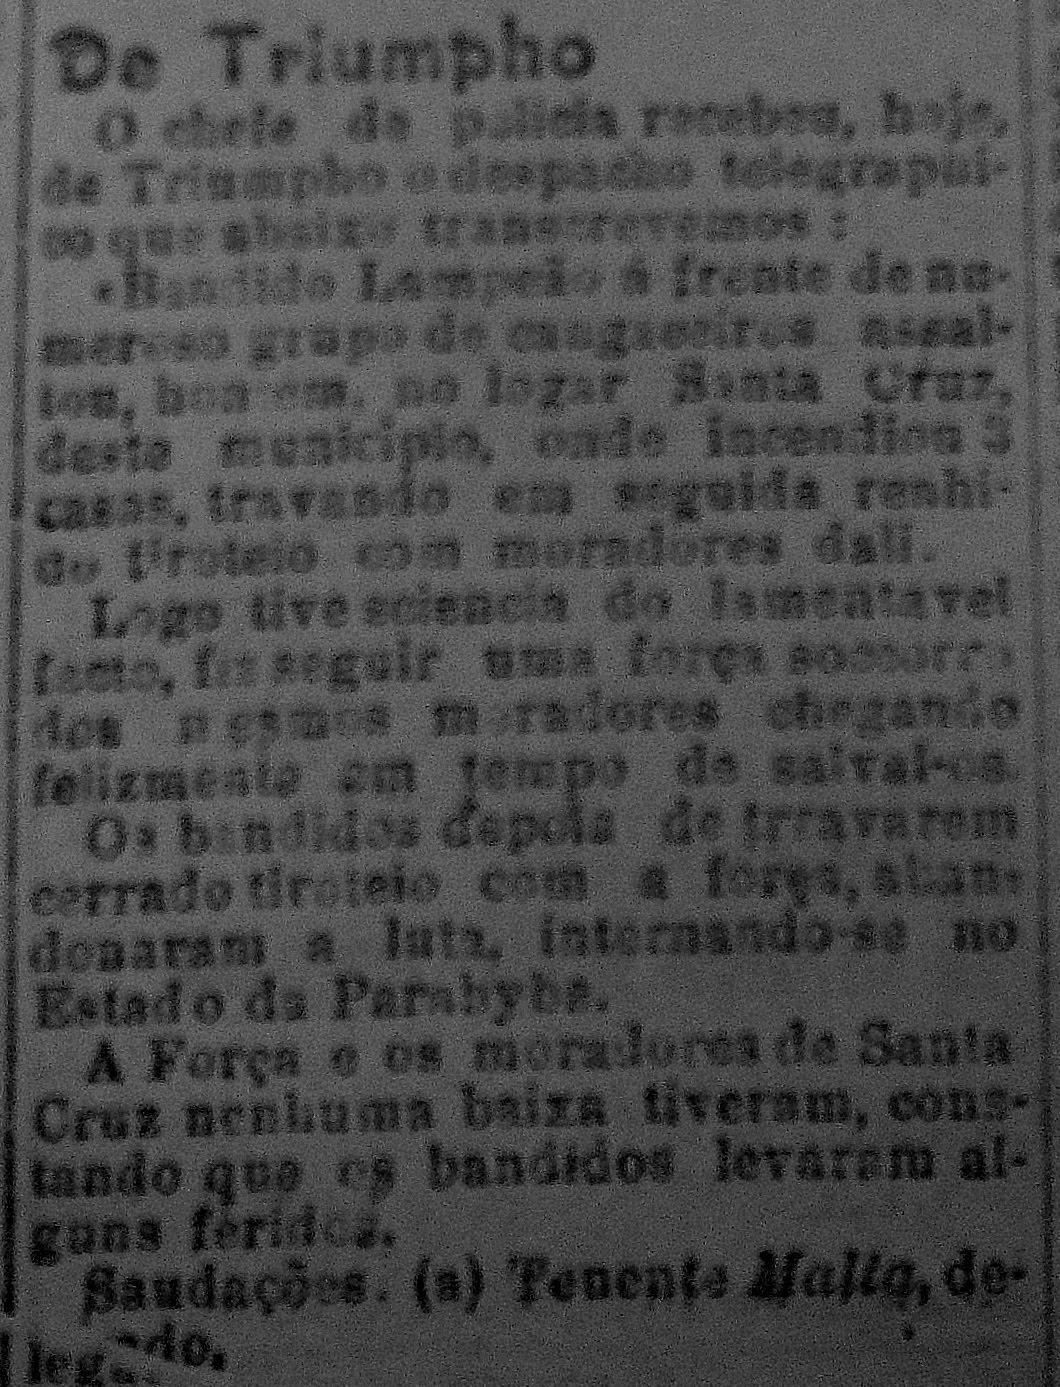 """Edição do jornal recifense """"A Notícia"""", de 14 de janeiro de 1924, existente na hemeroteca do Arquivo Público do Estado de Pernambuco, informando erroneamente sobre a ação da polícia, durante o segundo ataque de Lampião contra Quelé."""